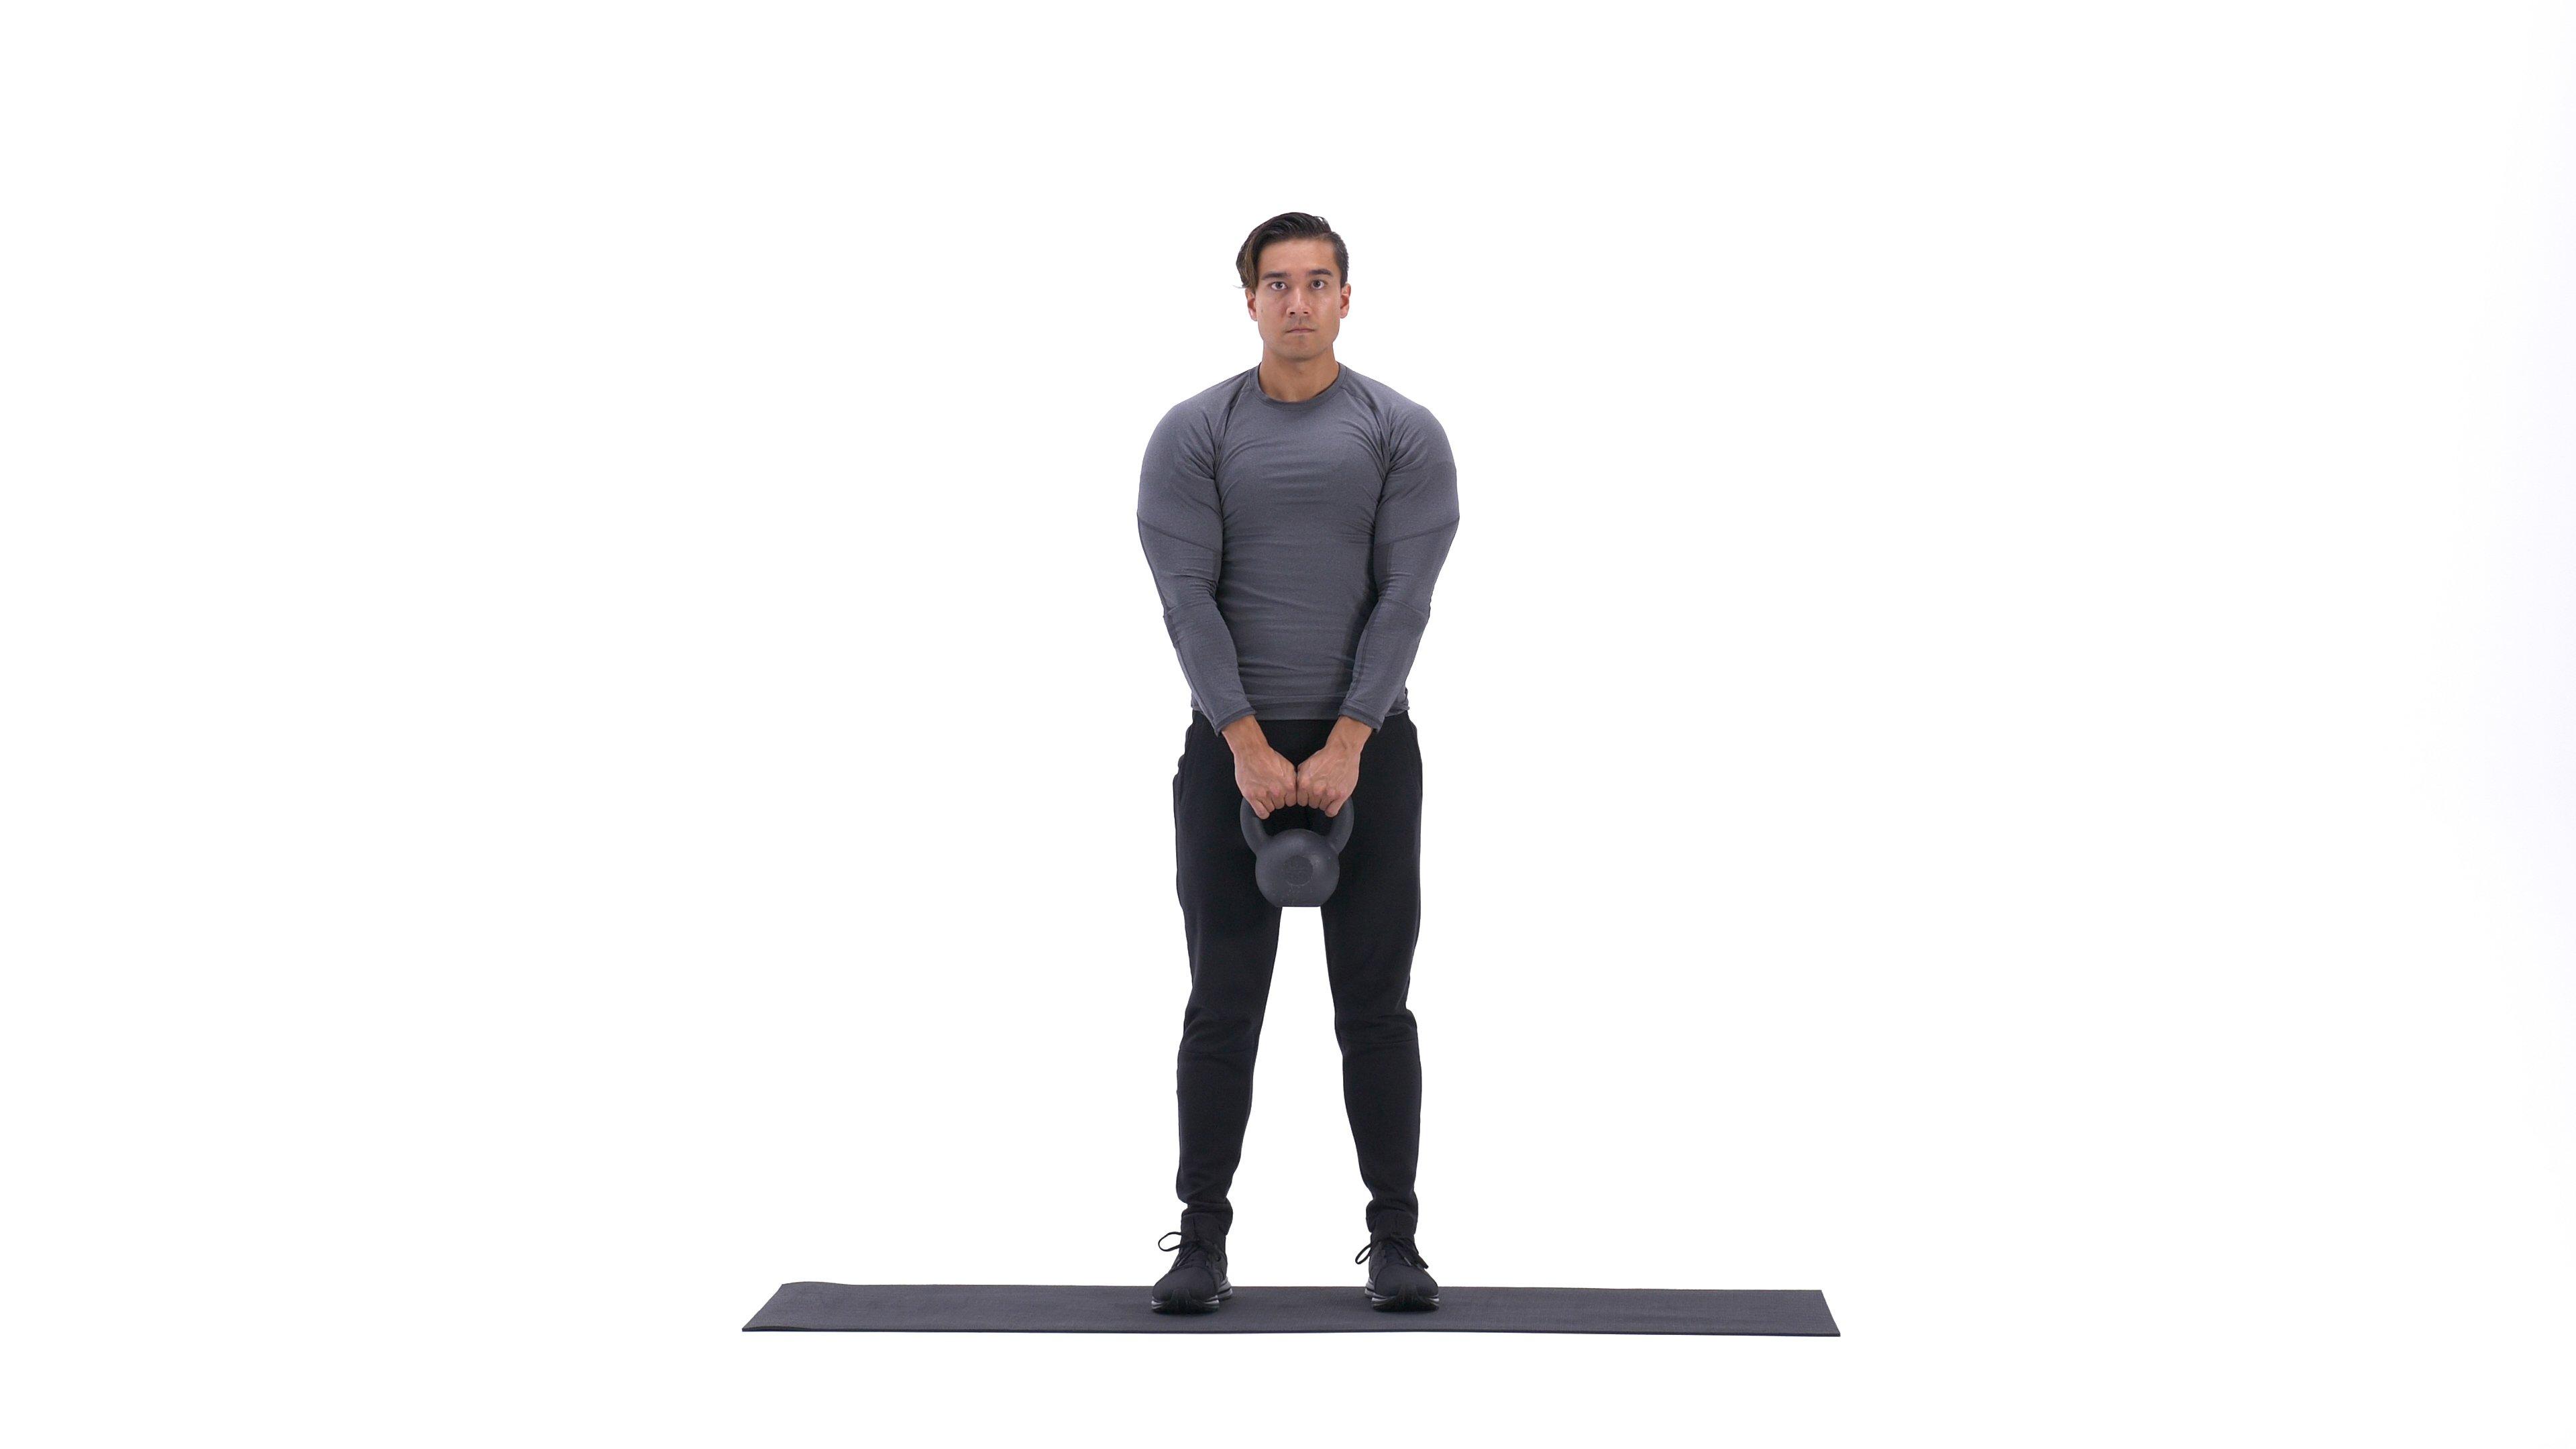 Single-leg kettlebell deadlift image